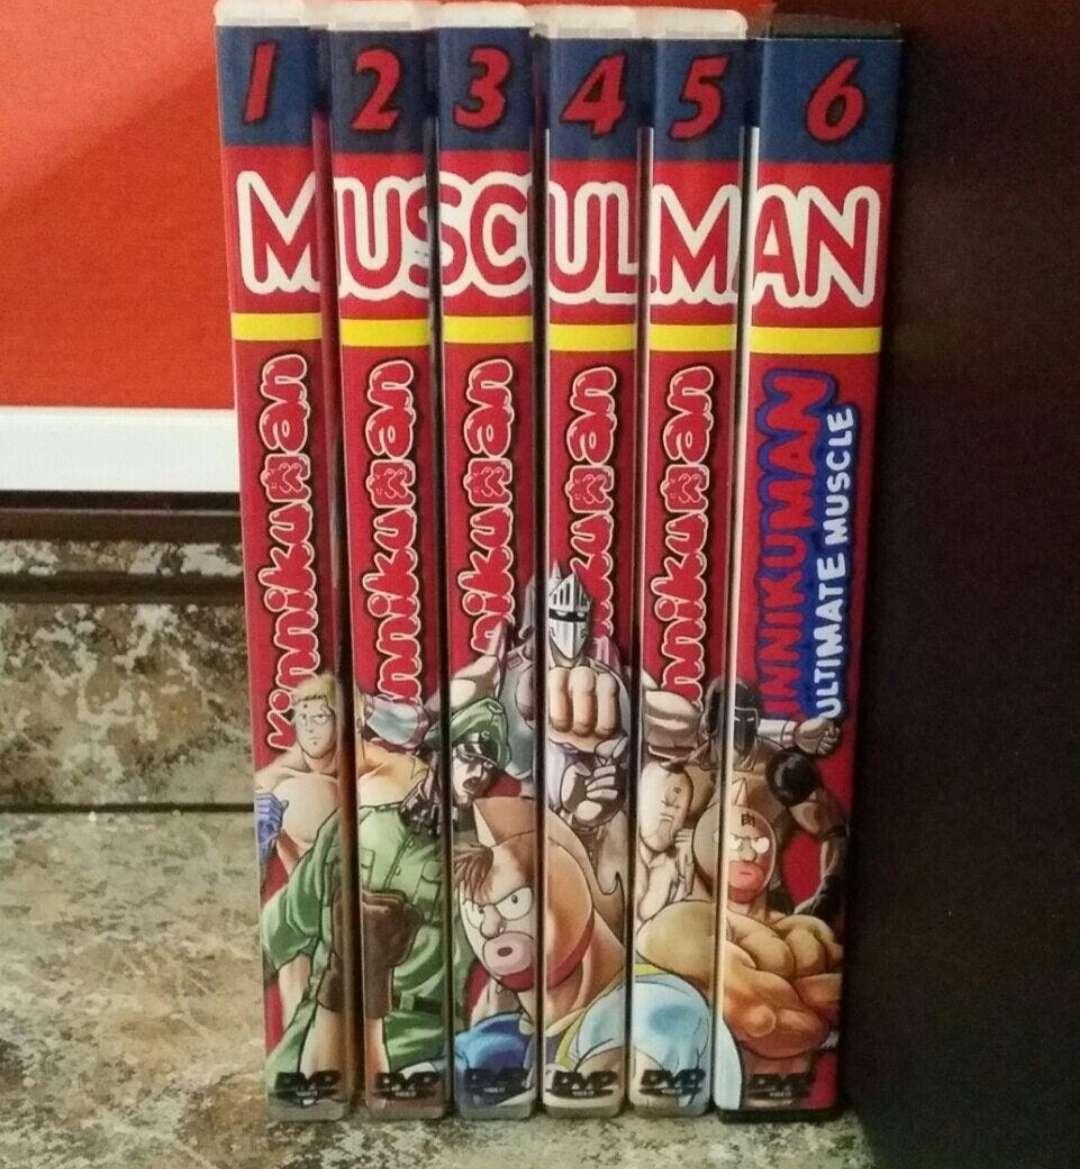 Imagen MUSCULMAN: - Colección completa Musculman más películas.